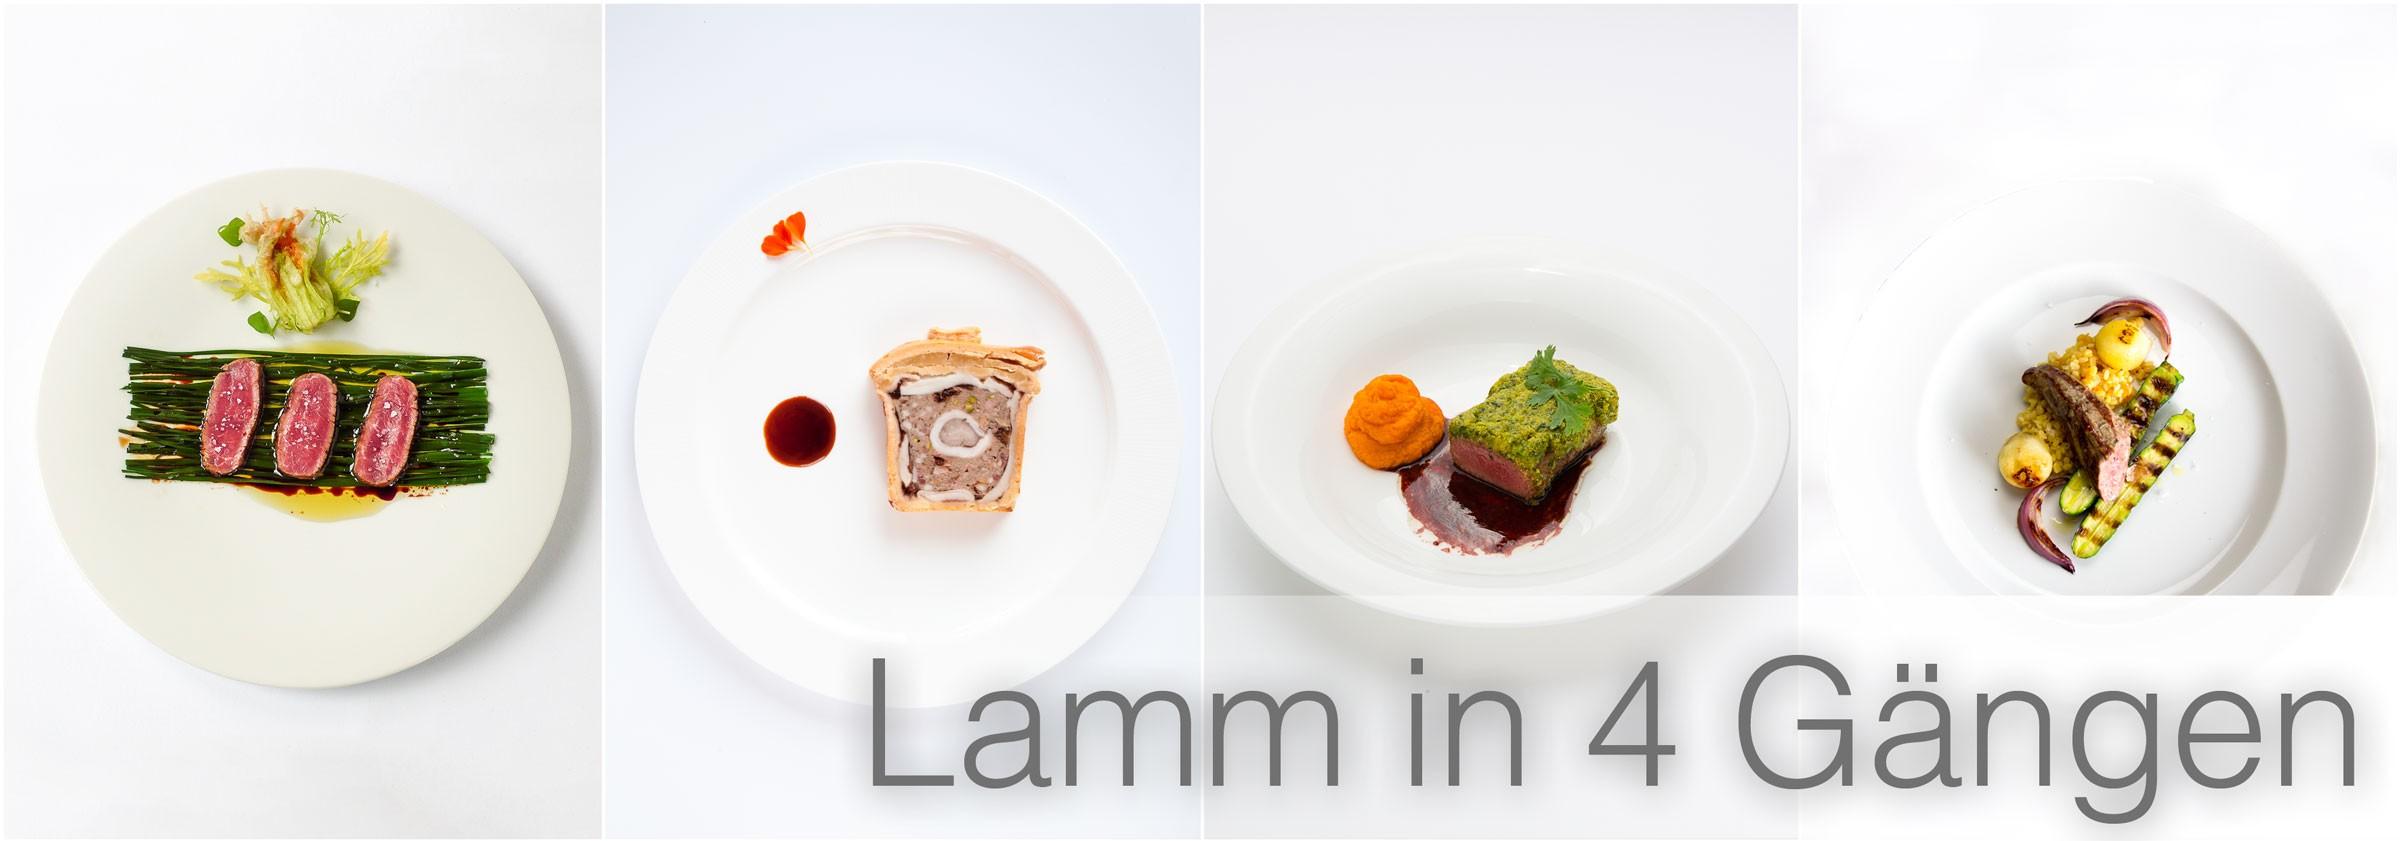 Lamm-in-4-Gängen-4